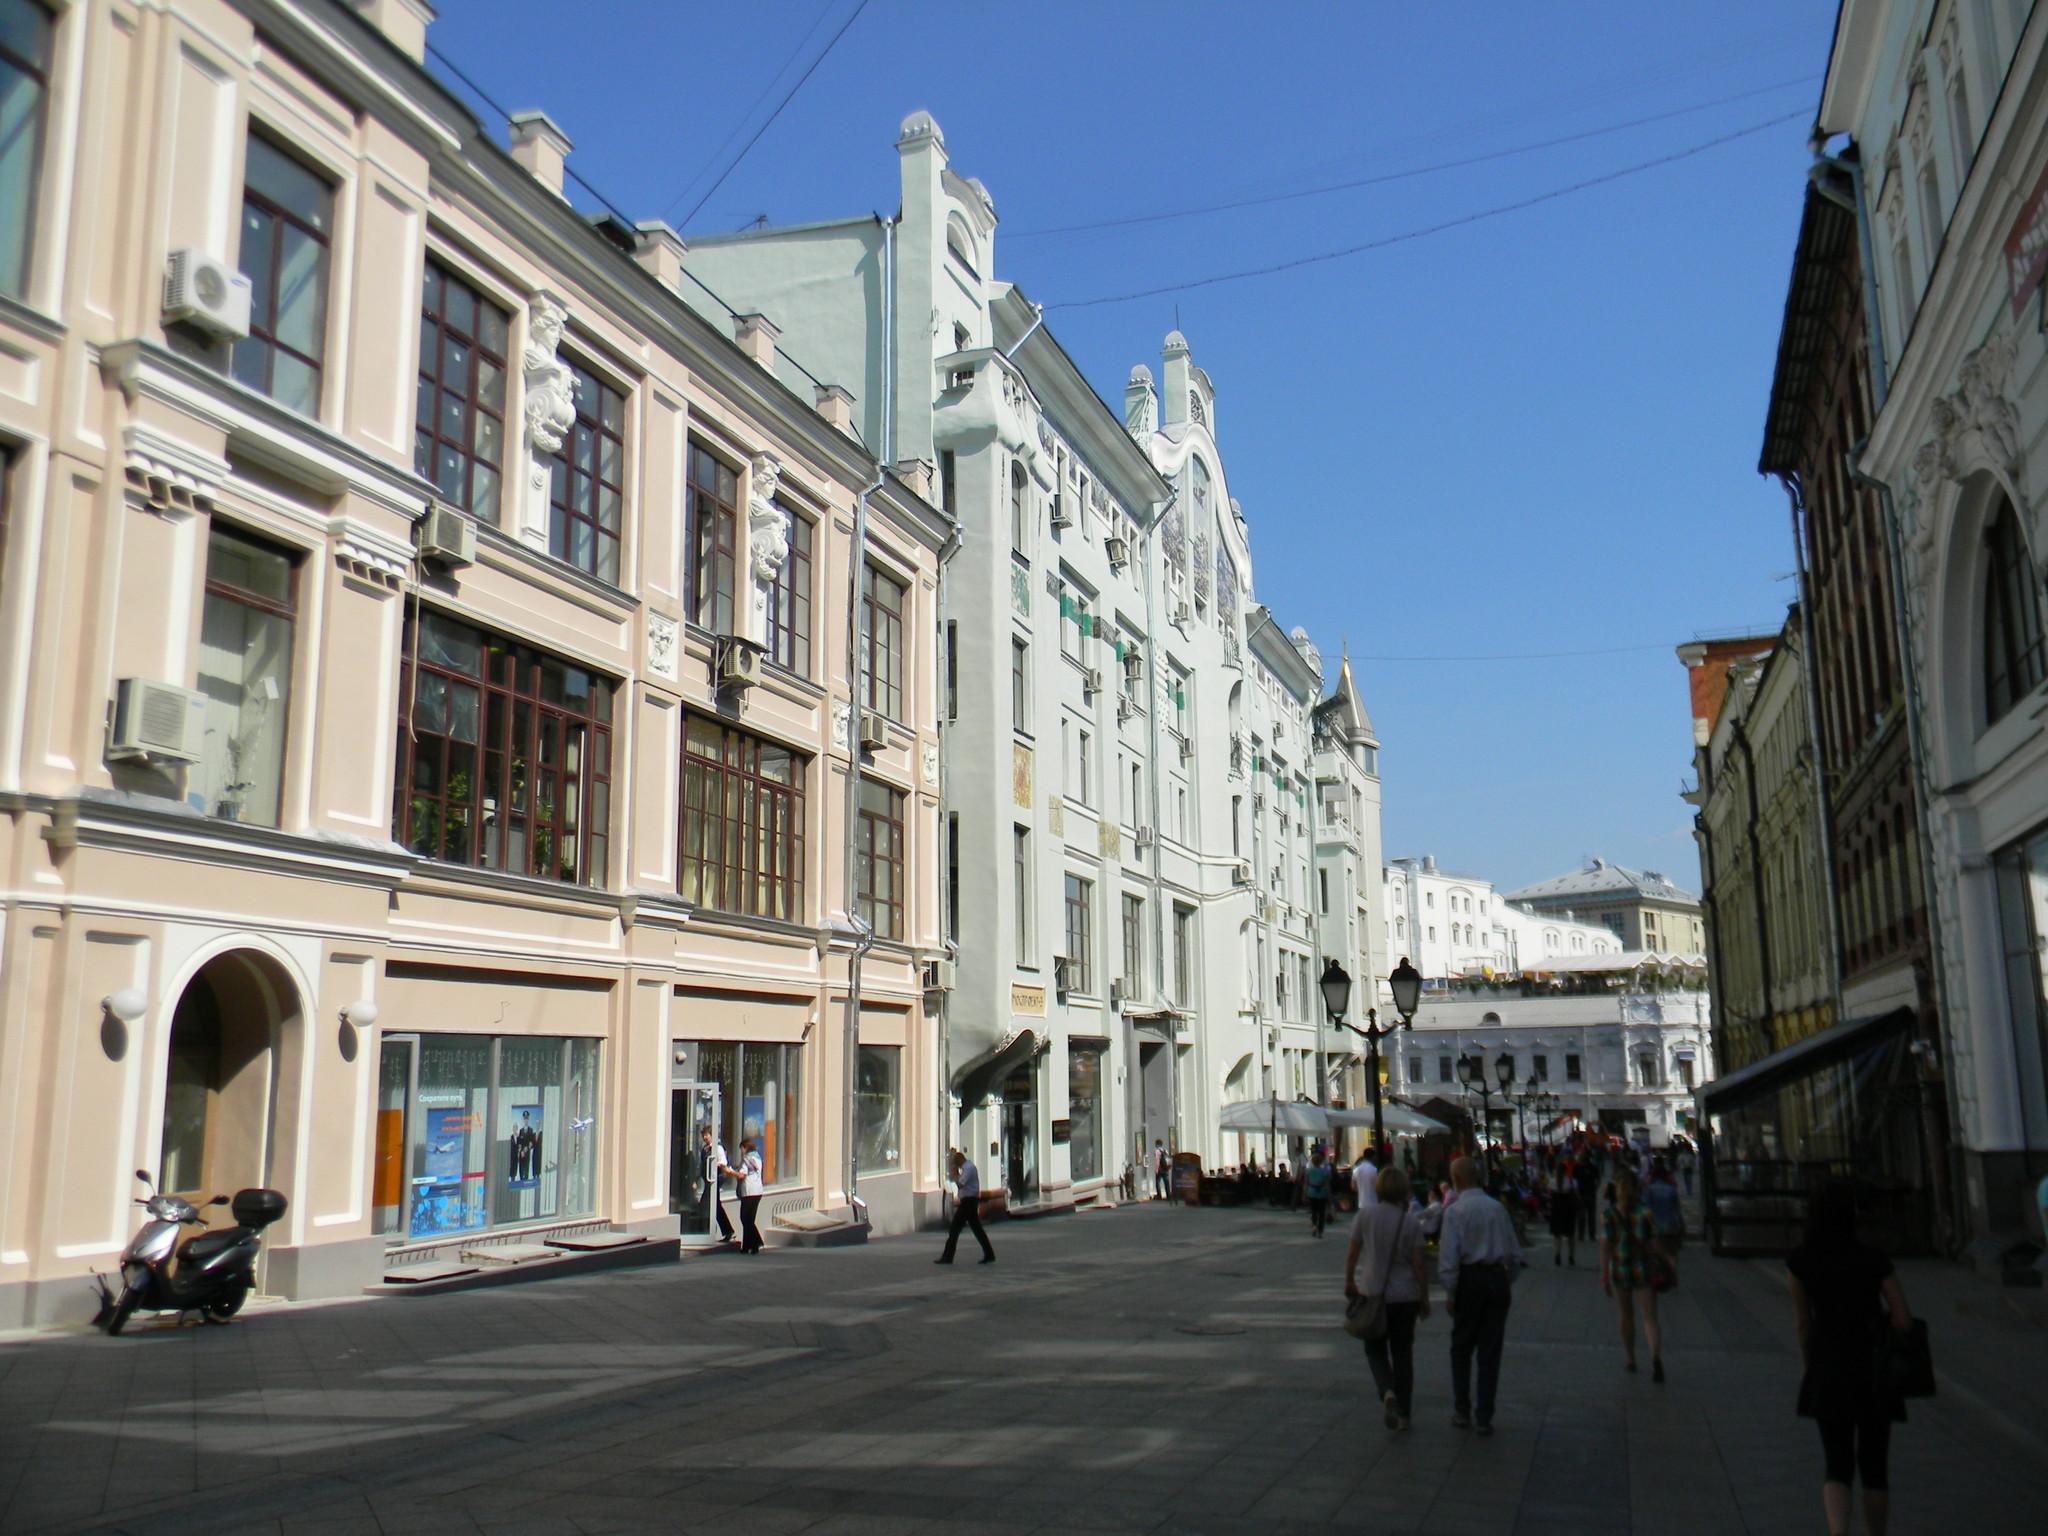 Улица Кузнецкий Мост, дом 3 (строение 1 и 2)